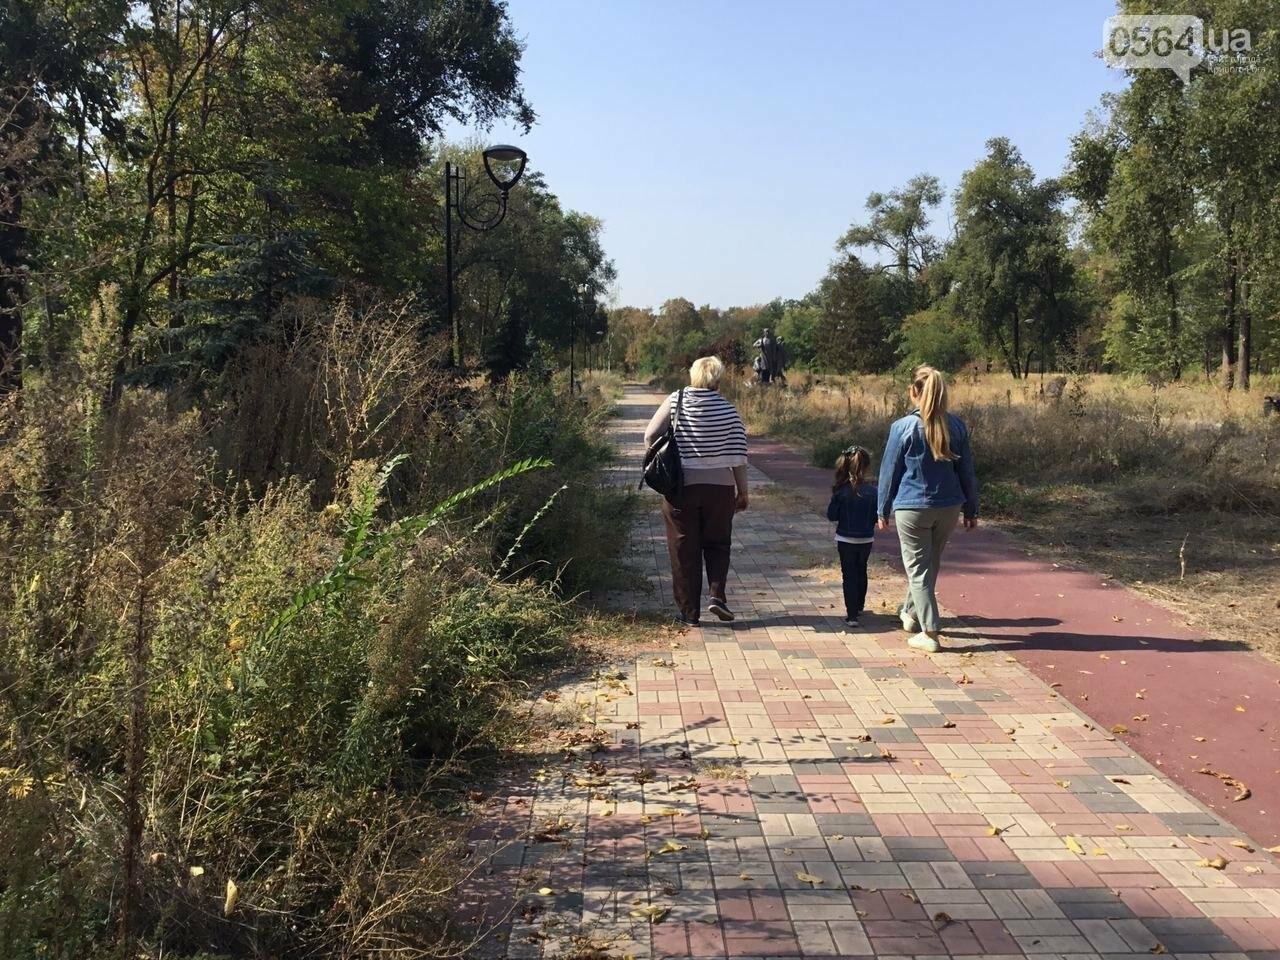 """""""Политика и бесхозяйственность"""", - криворожане поделились мнениями о Гданцевском парке, - ФОТО, ВИДЕО, фото-32"""